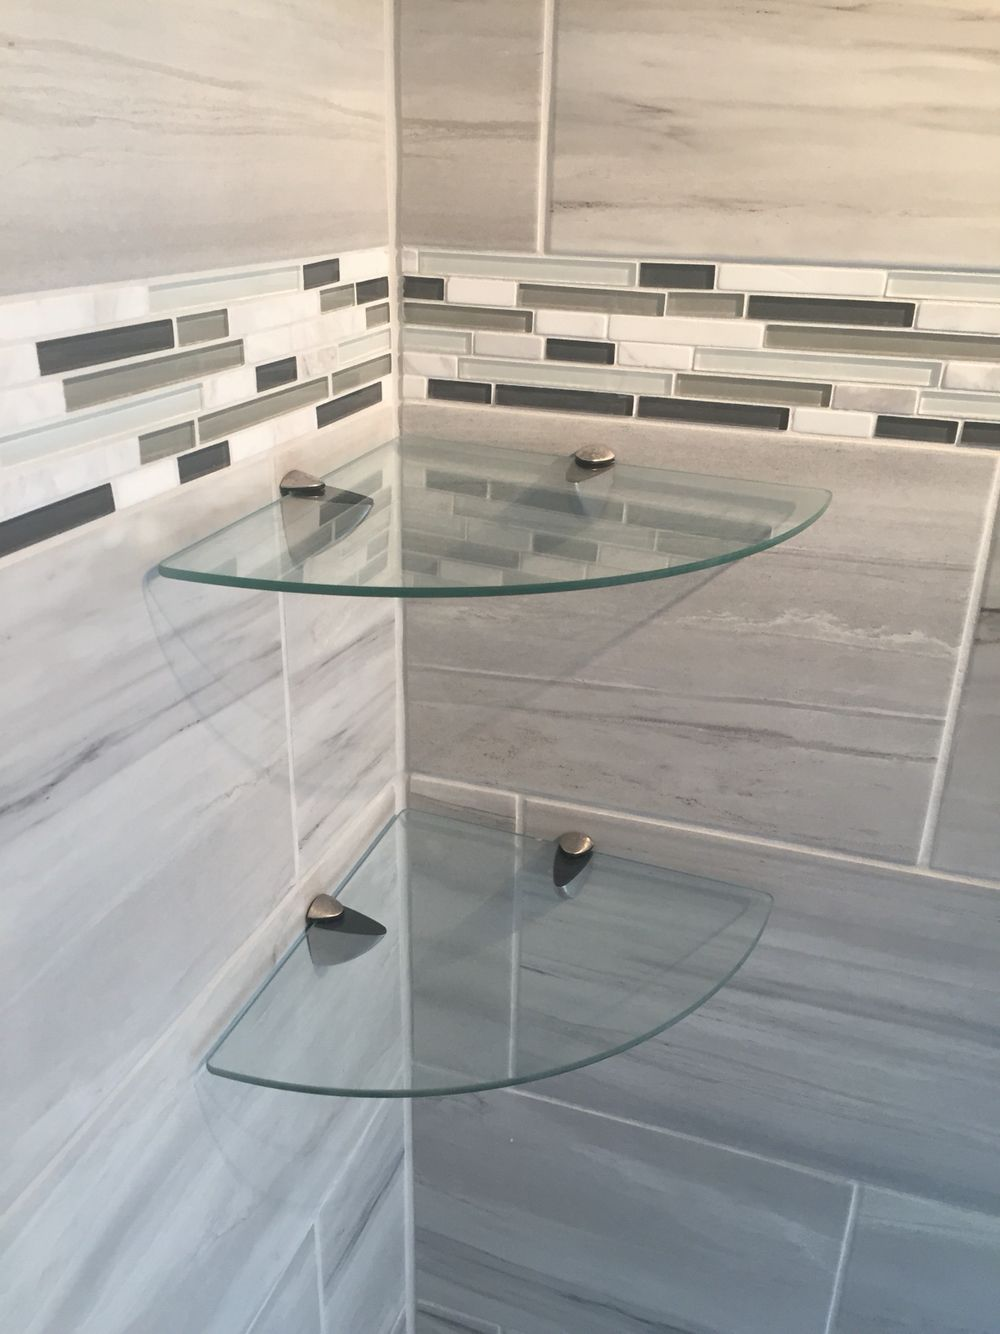 Bathroom shower glass corner shelves http://www.amazon.com ...